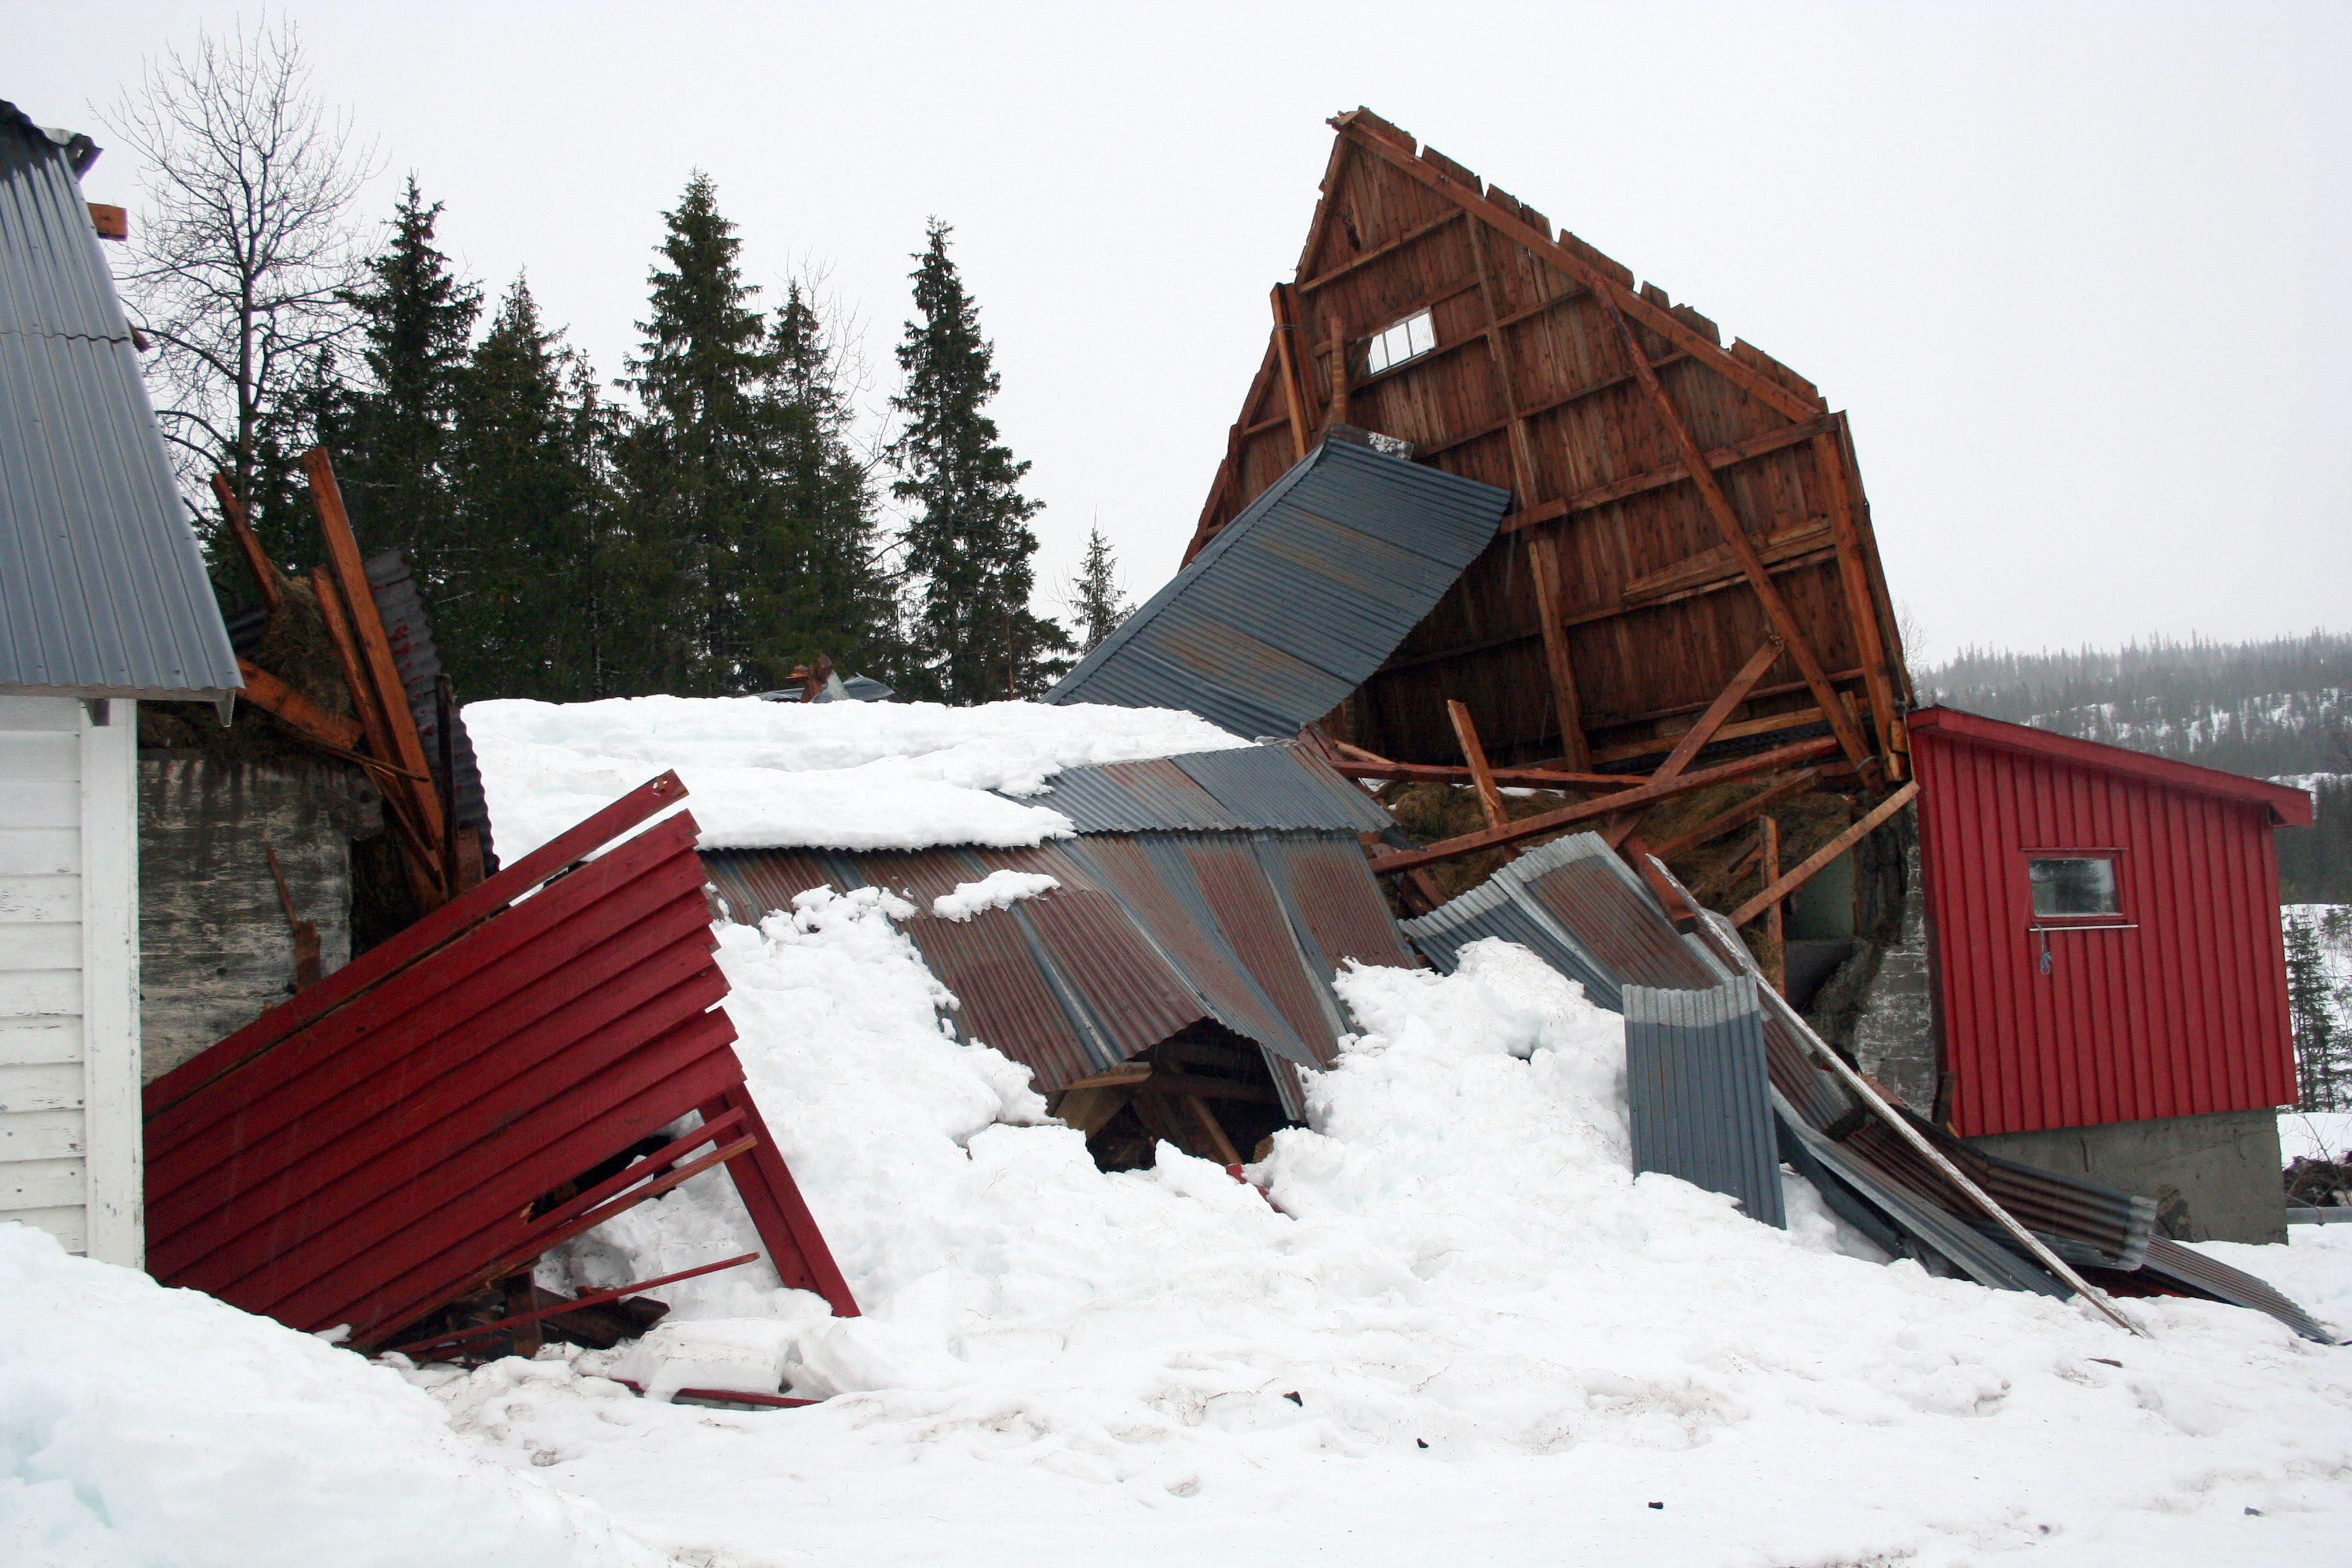 Eldre driftsbygning som har kollapset på grunn av store snømengder og fordi taket ble måkt på den ene sida slik at det oppsto skjevbelastninger i tillegg til stor vekt. Foto: Nils Inge Lorentsen